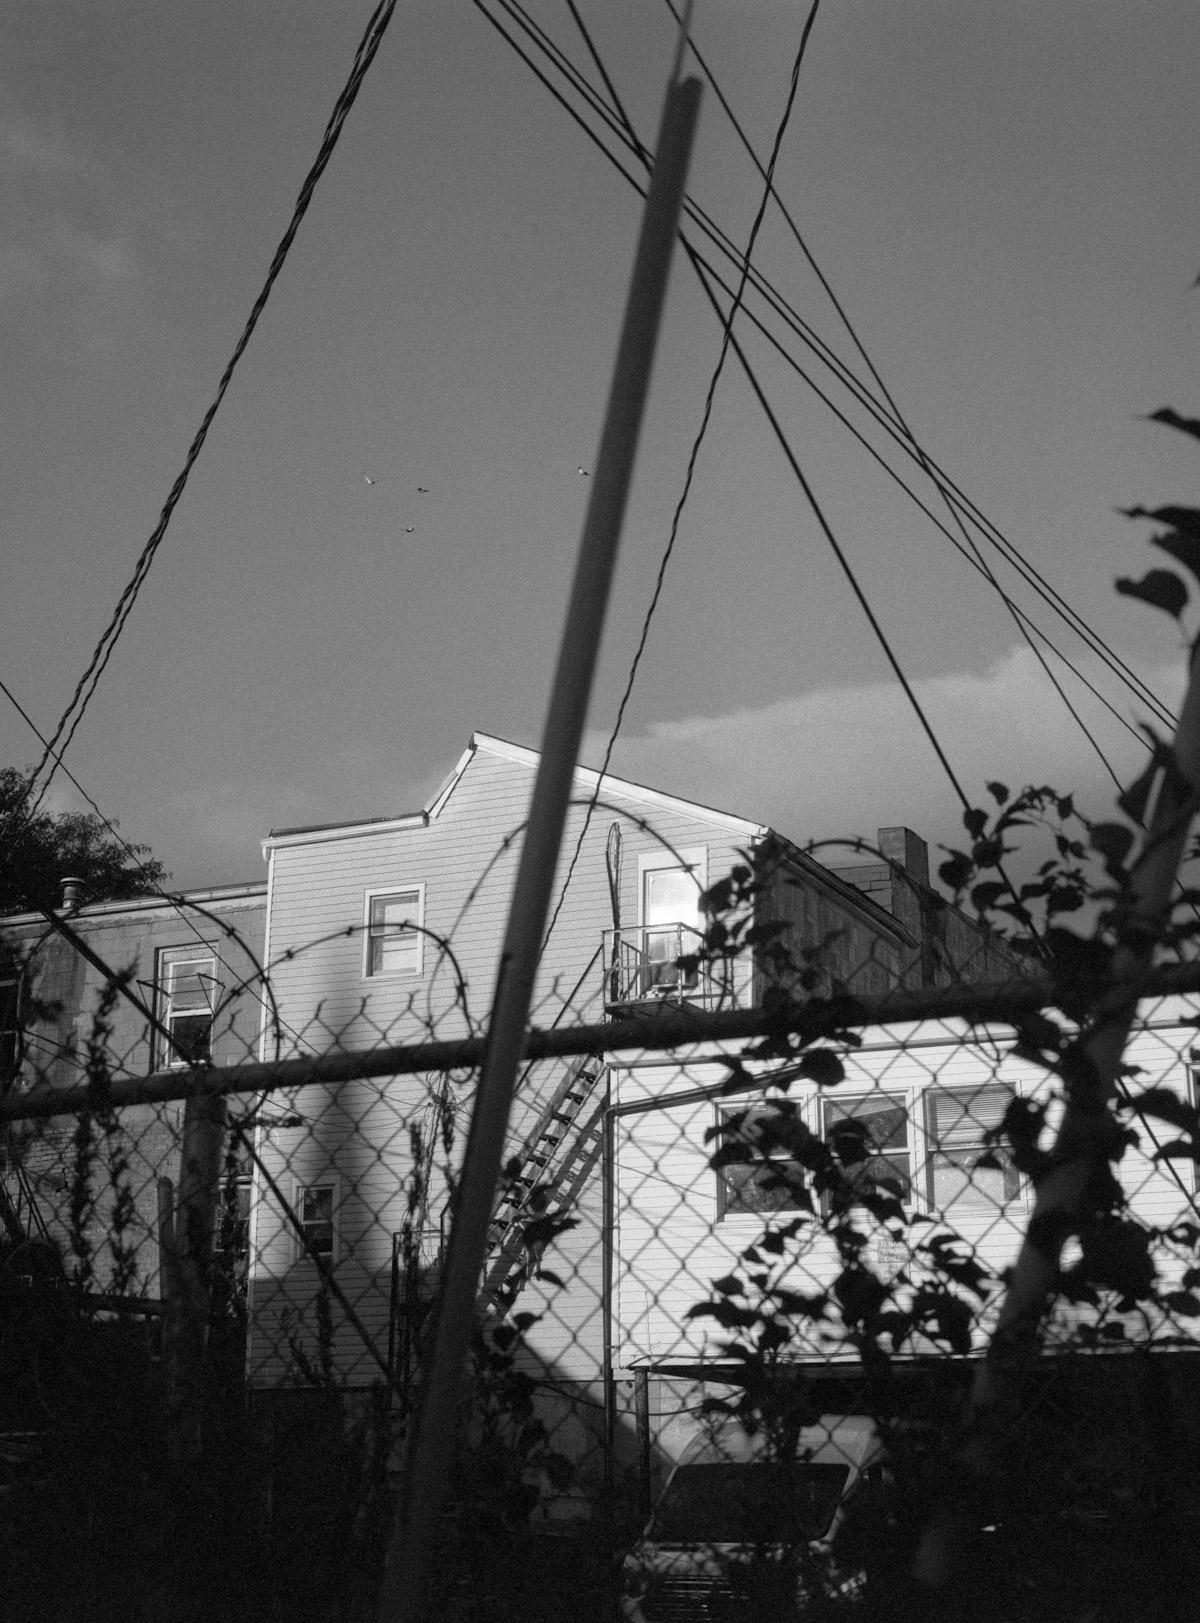 Restos de um Êxodo pelo Fotógrafo Al J Thompson Artes & contextos Ilford Delta 3200 199